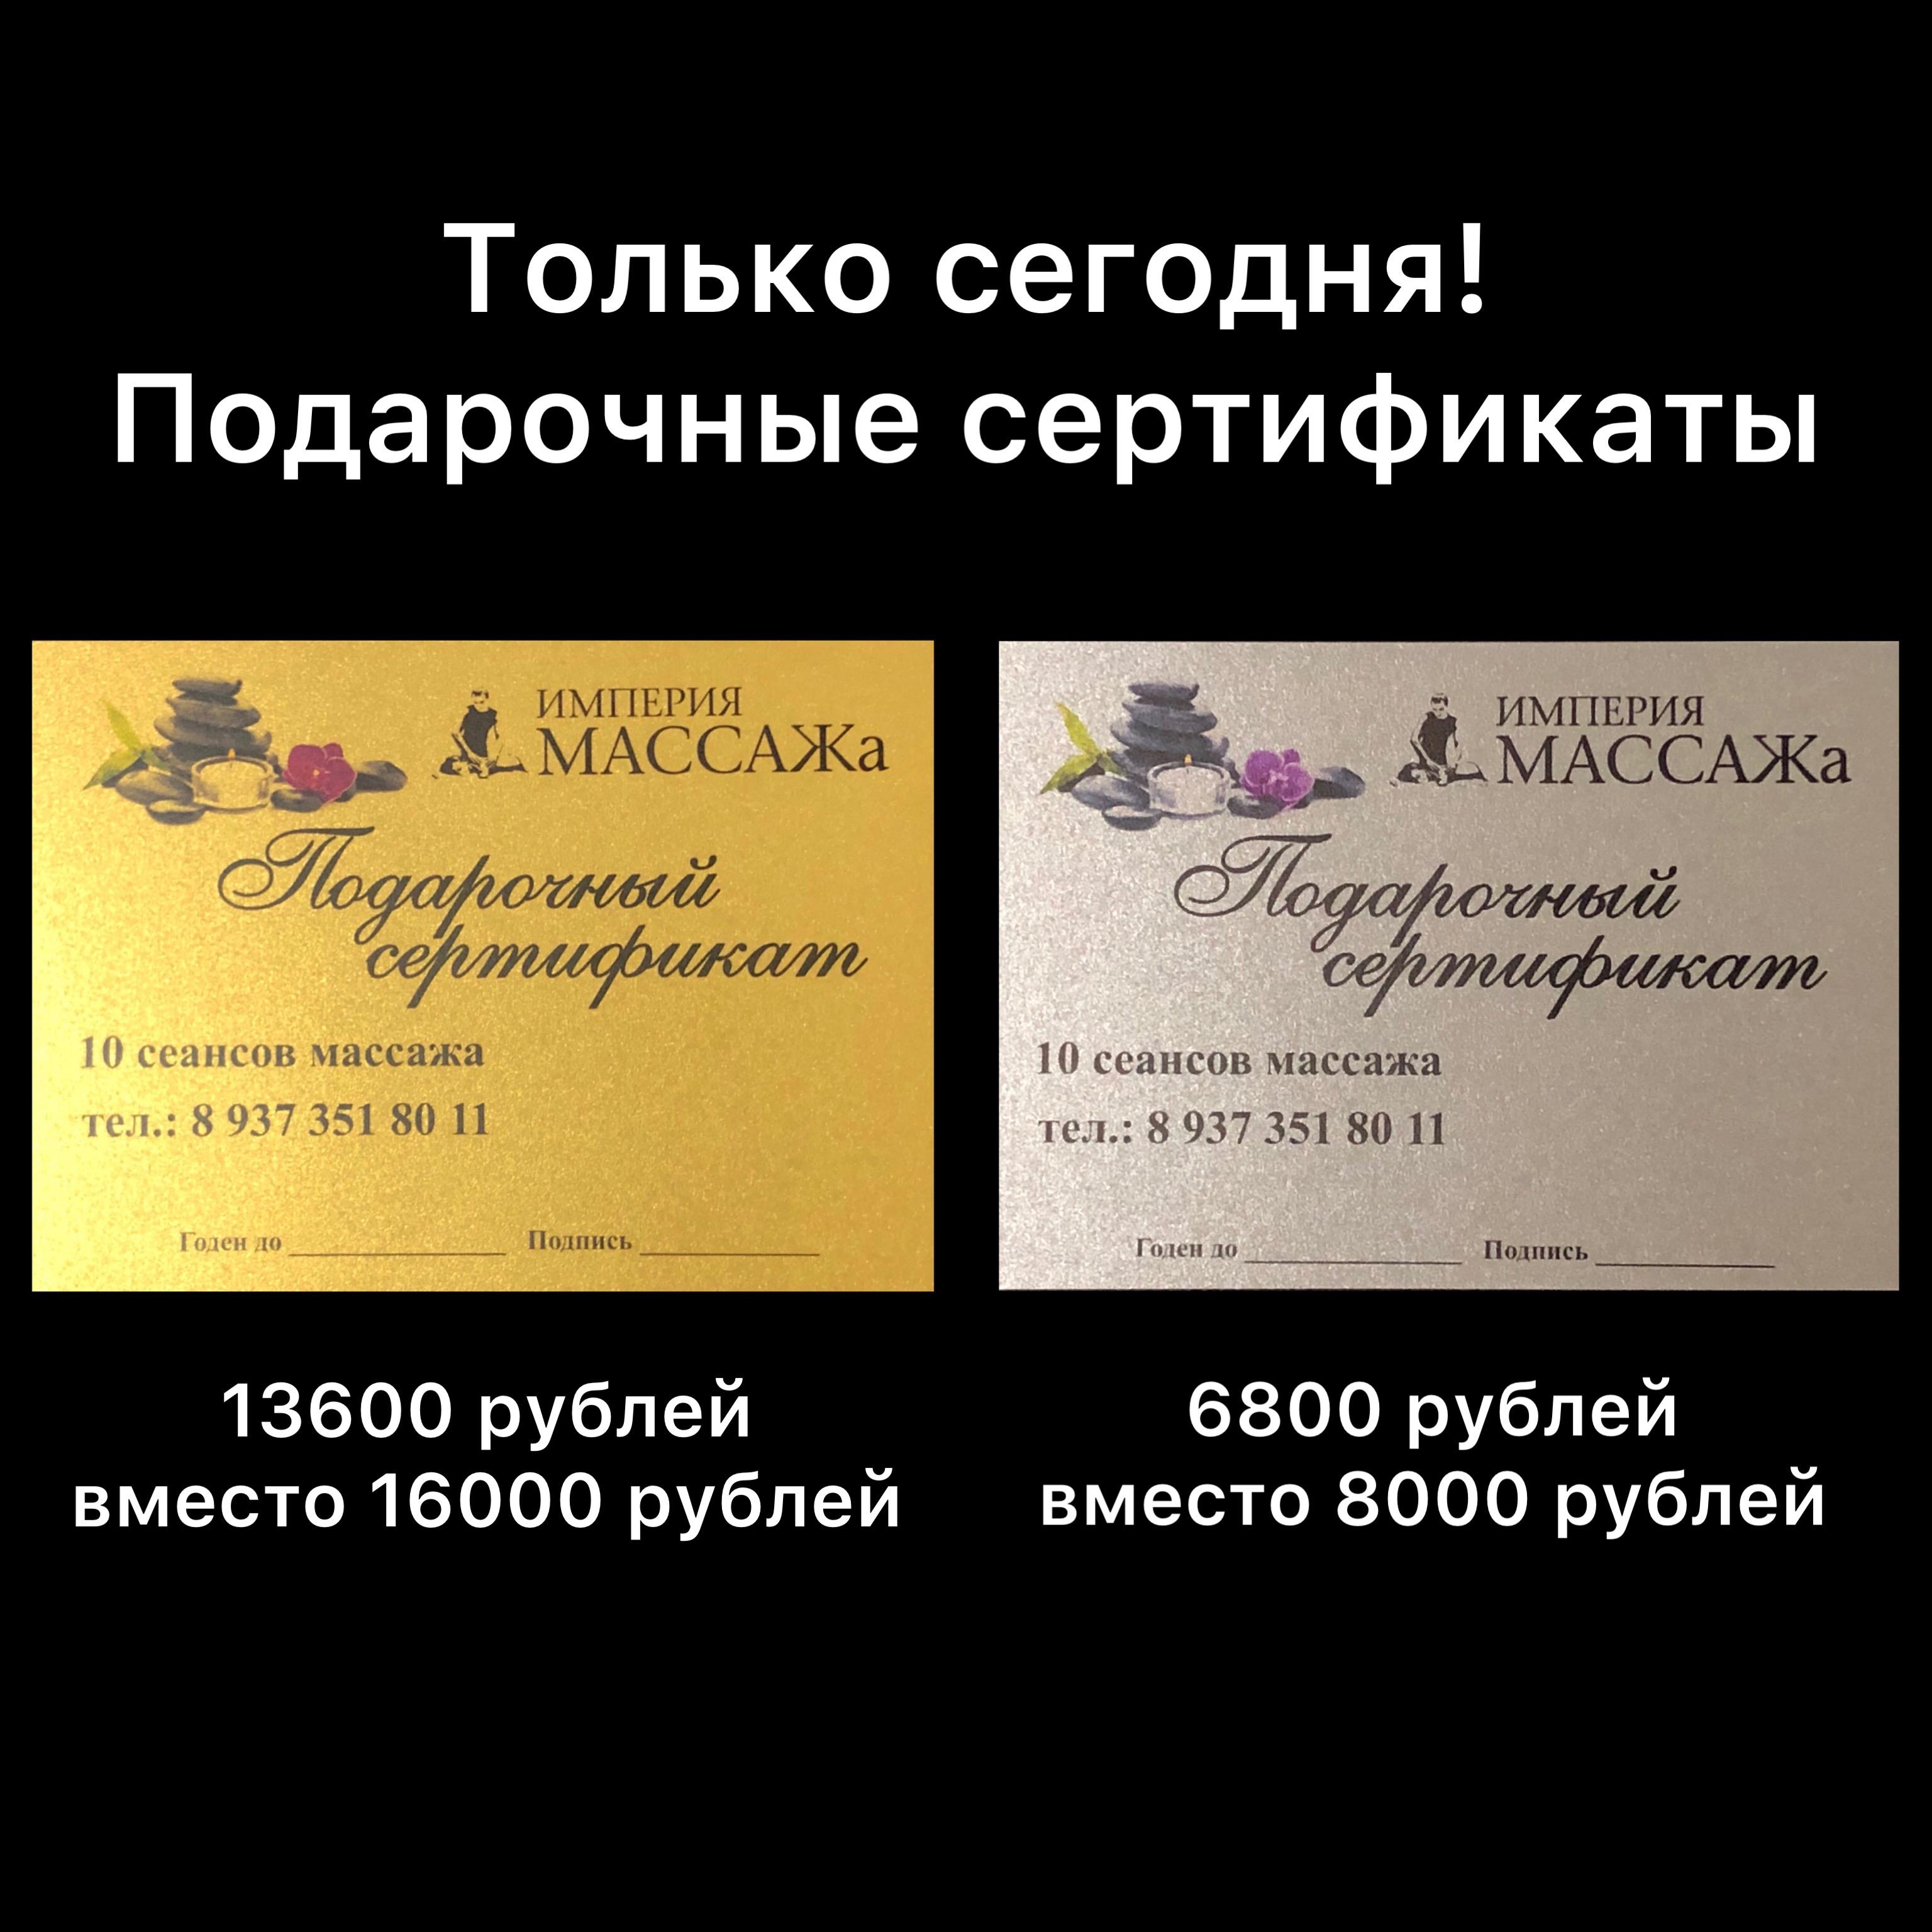 15522A37-469A-49B8-9247-6BC0A50555CA.jpeg